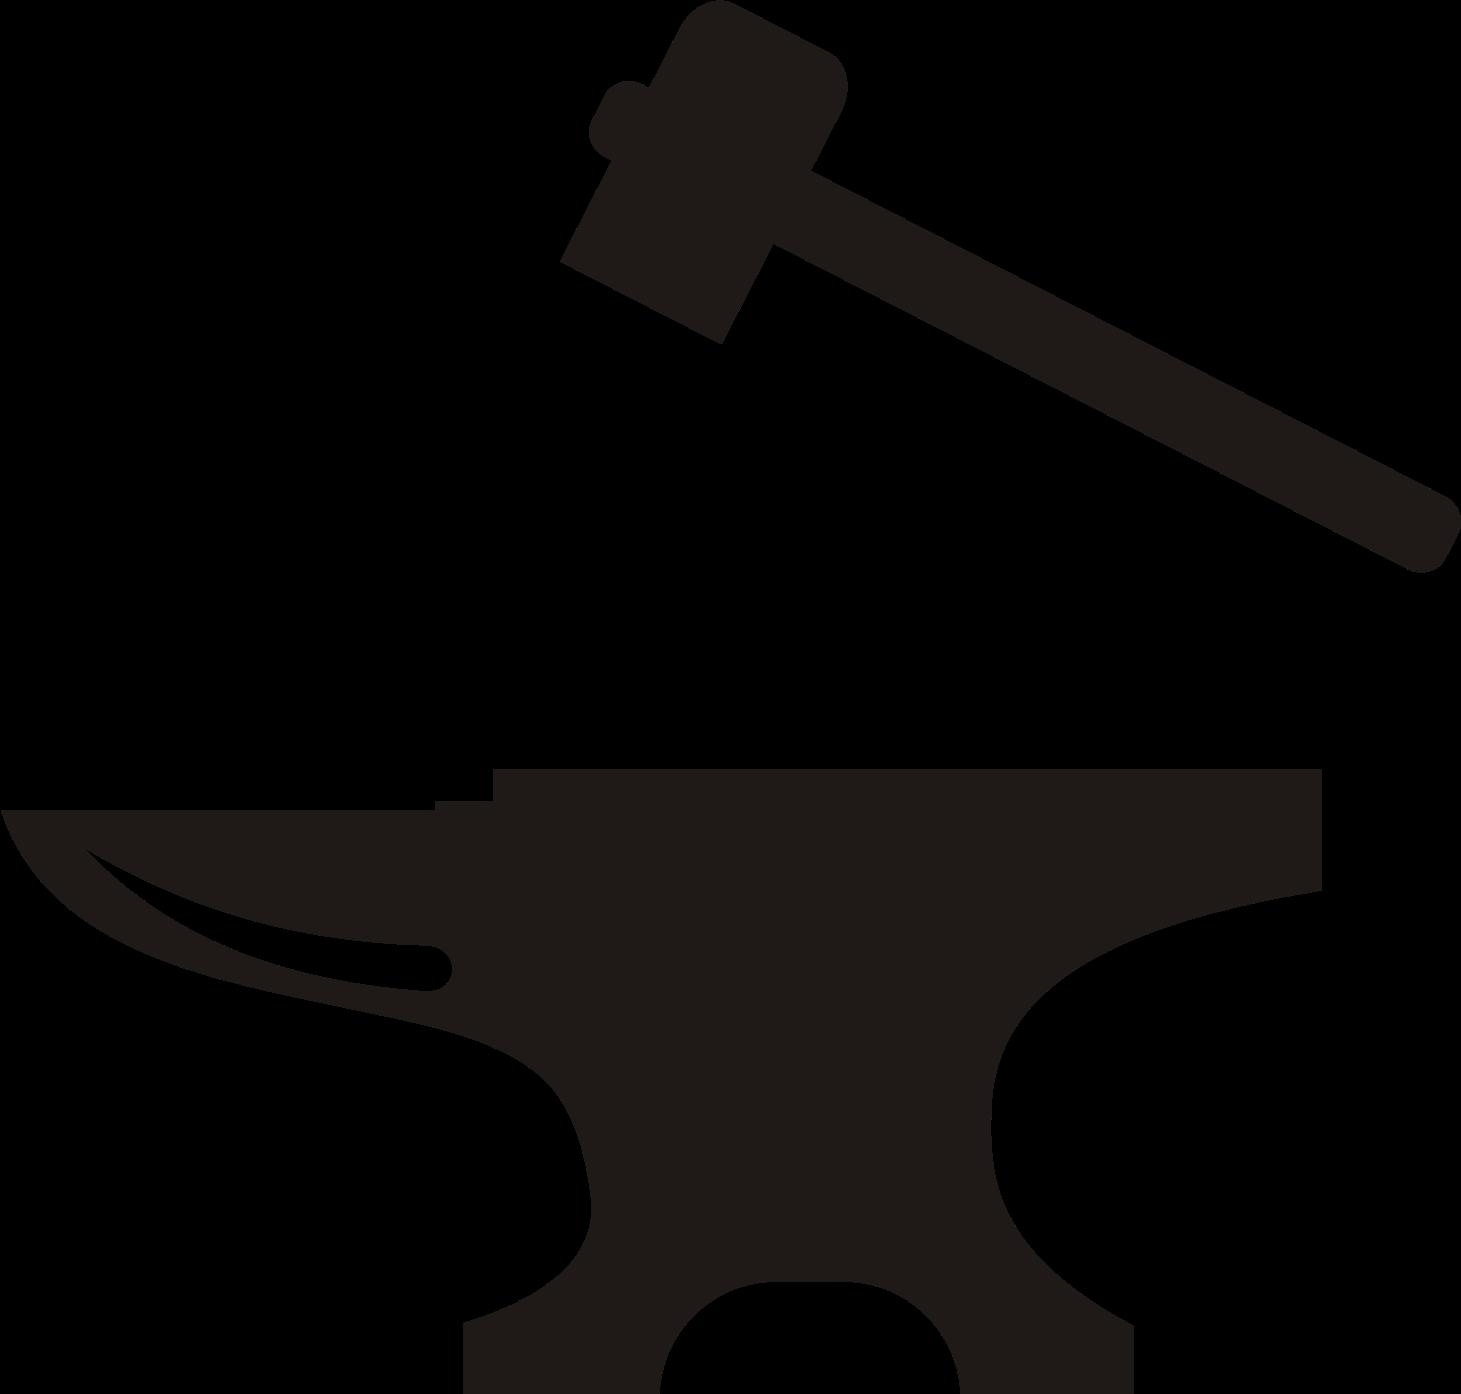 Anvil clipart vector. Blacksmith hammer clip art